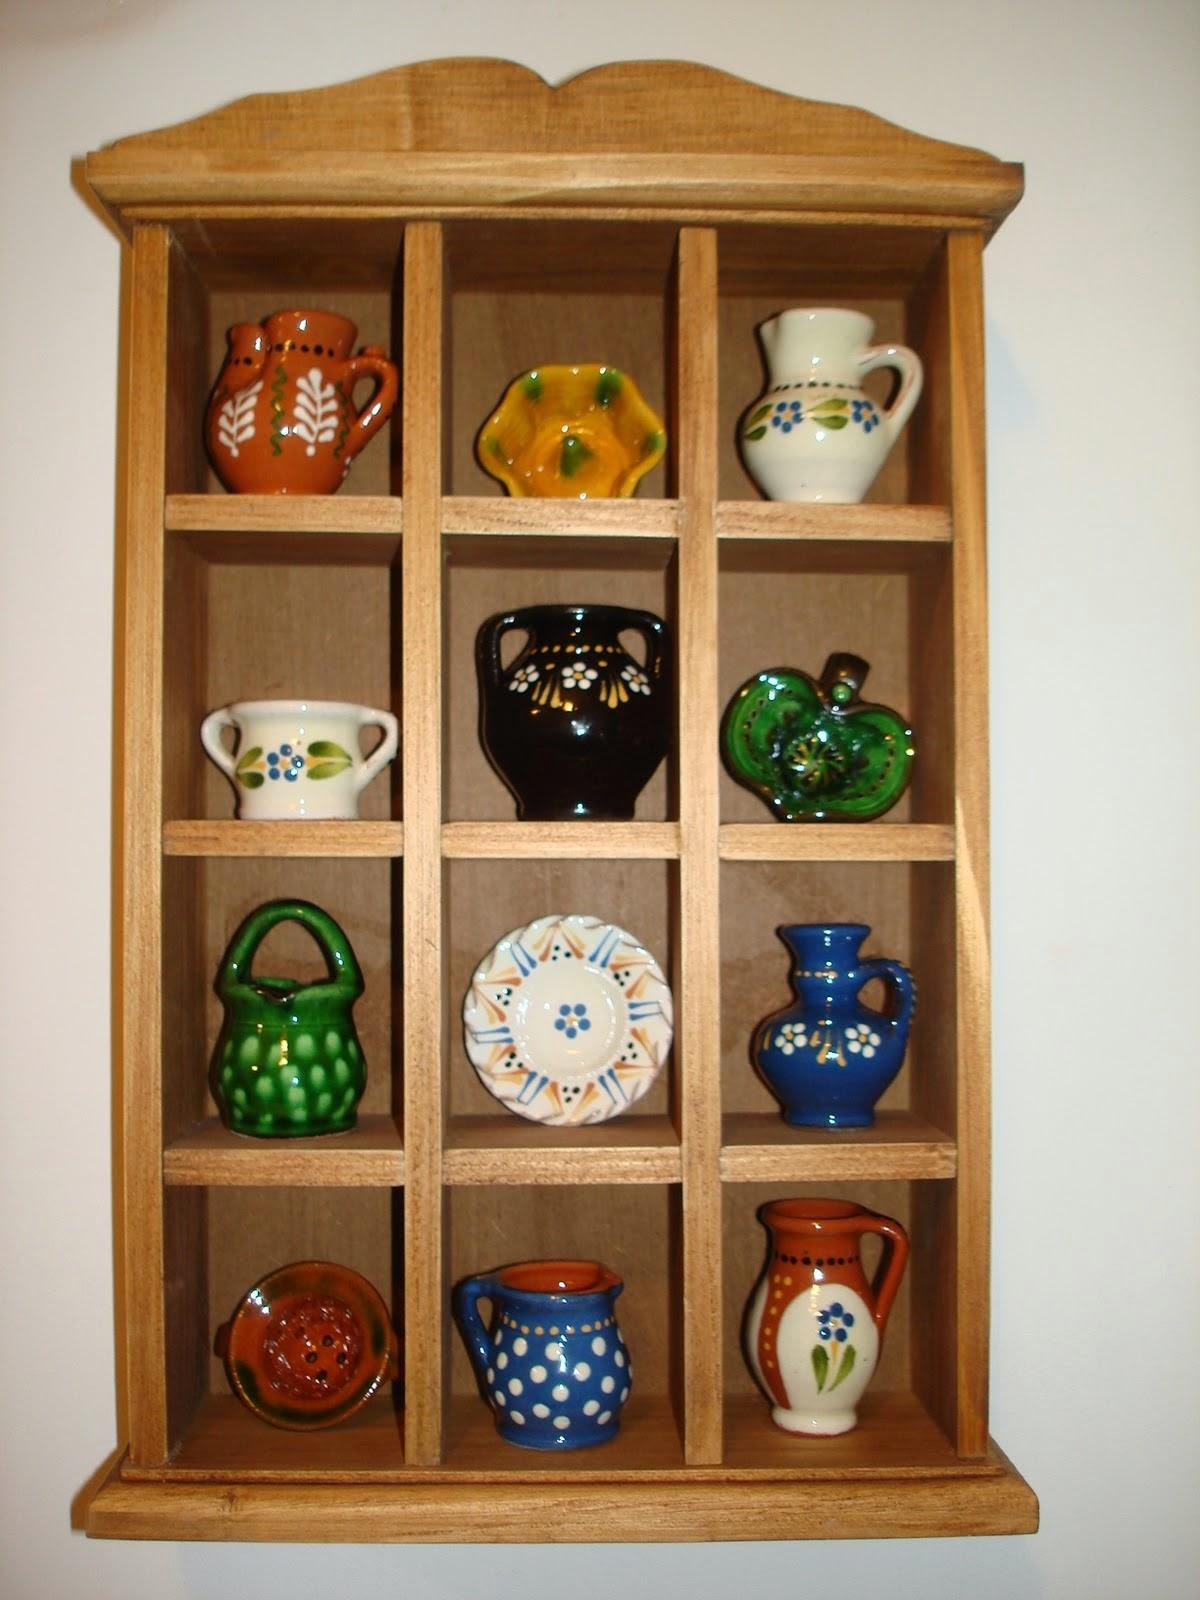 Vizitati blog-ul nostru cu obiecte de arta!